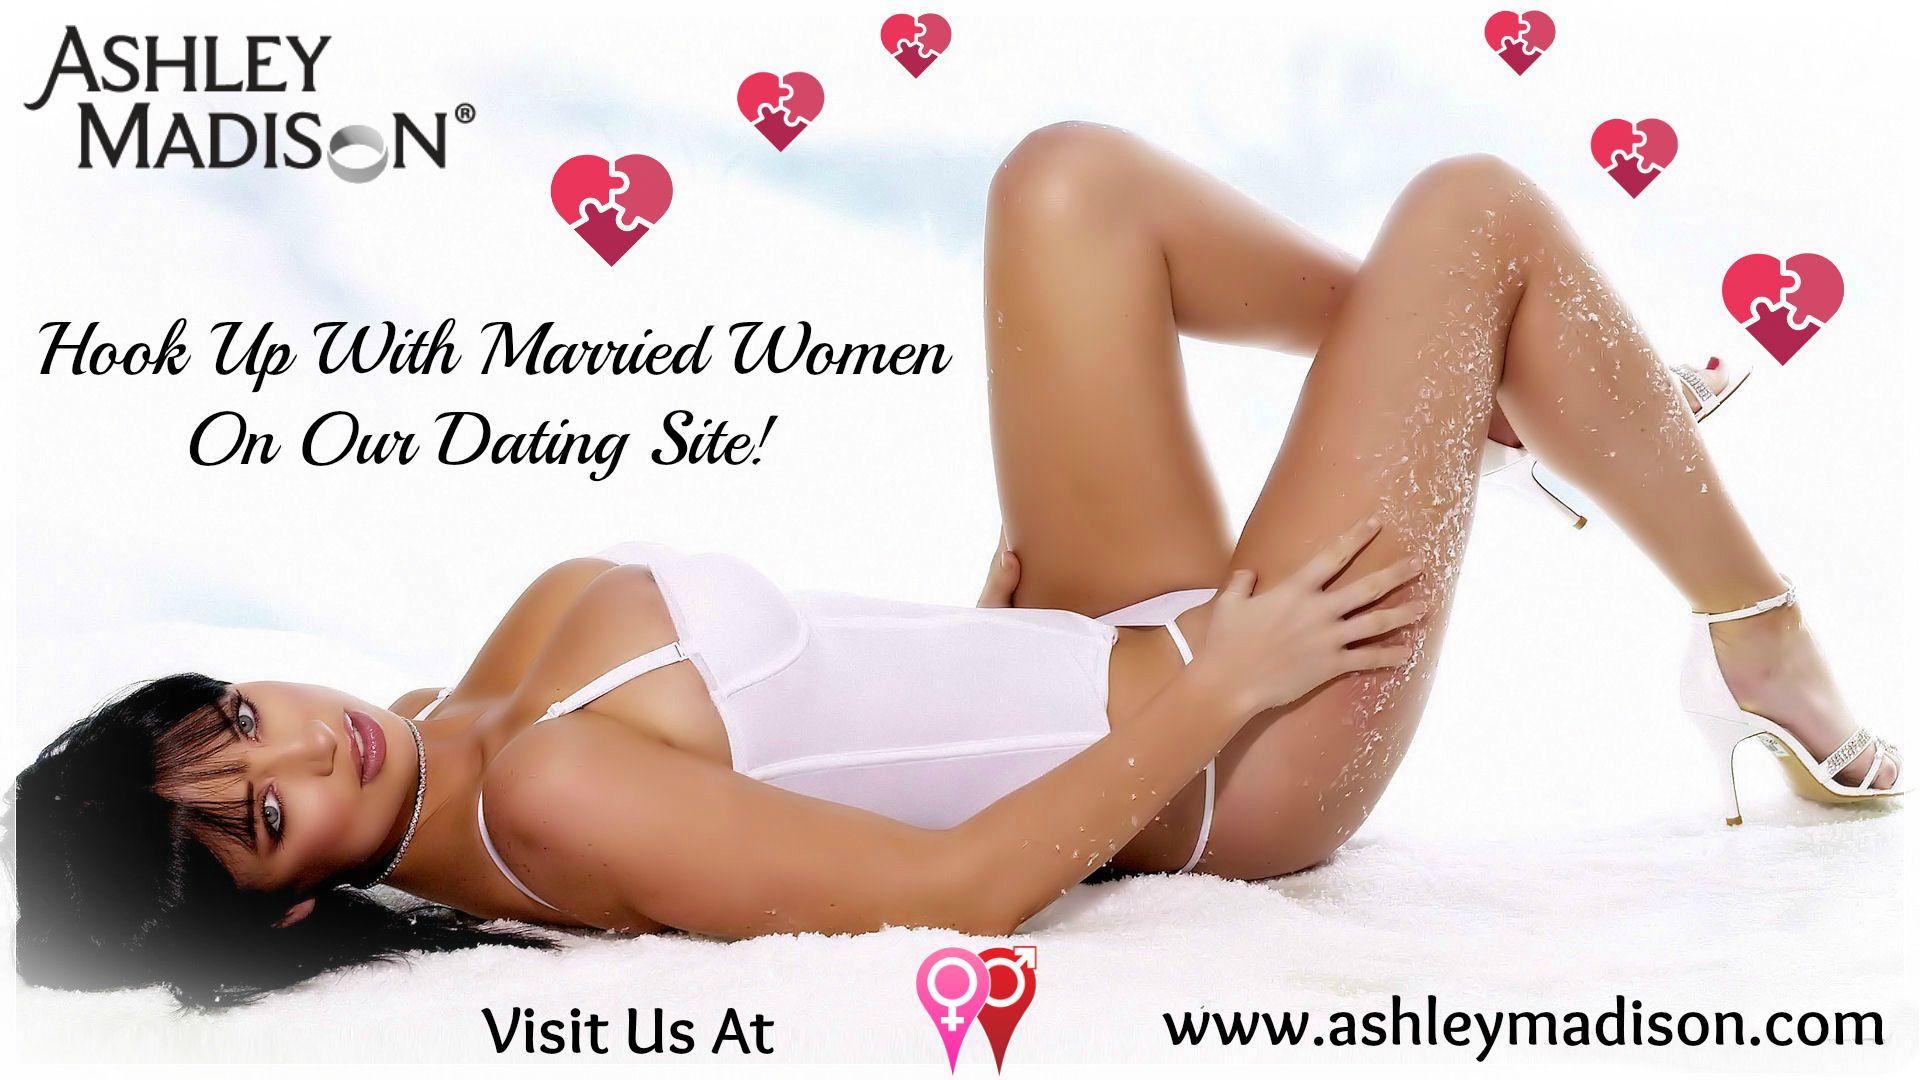 Dating Married Ashleymadison